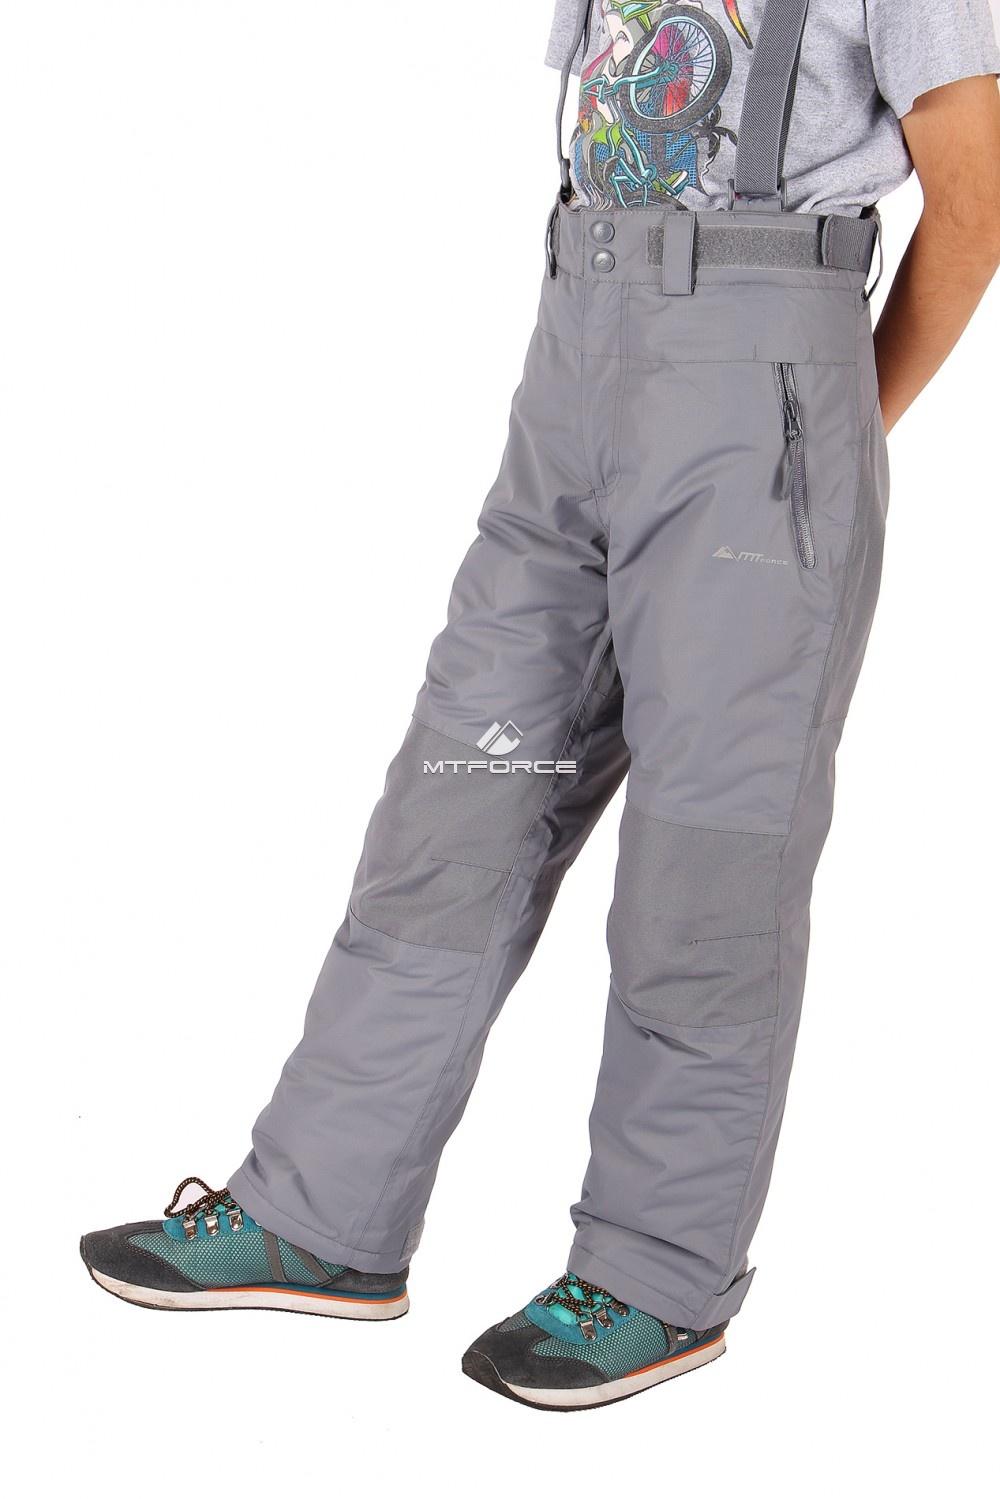 Купить                                  оптом Брюки горнолыжные подростковые серого цвета 502Sr